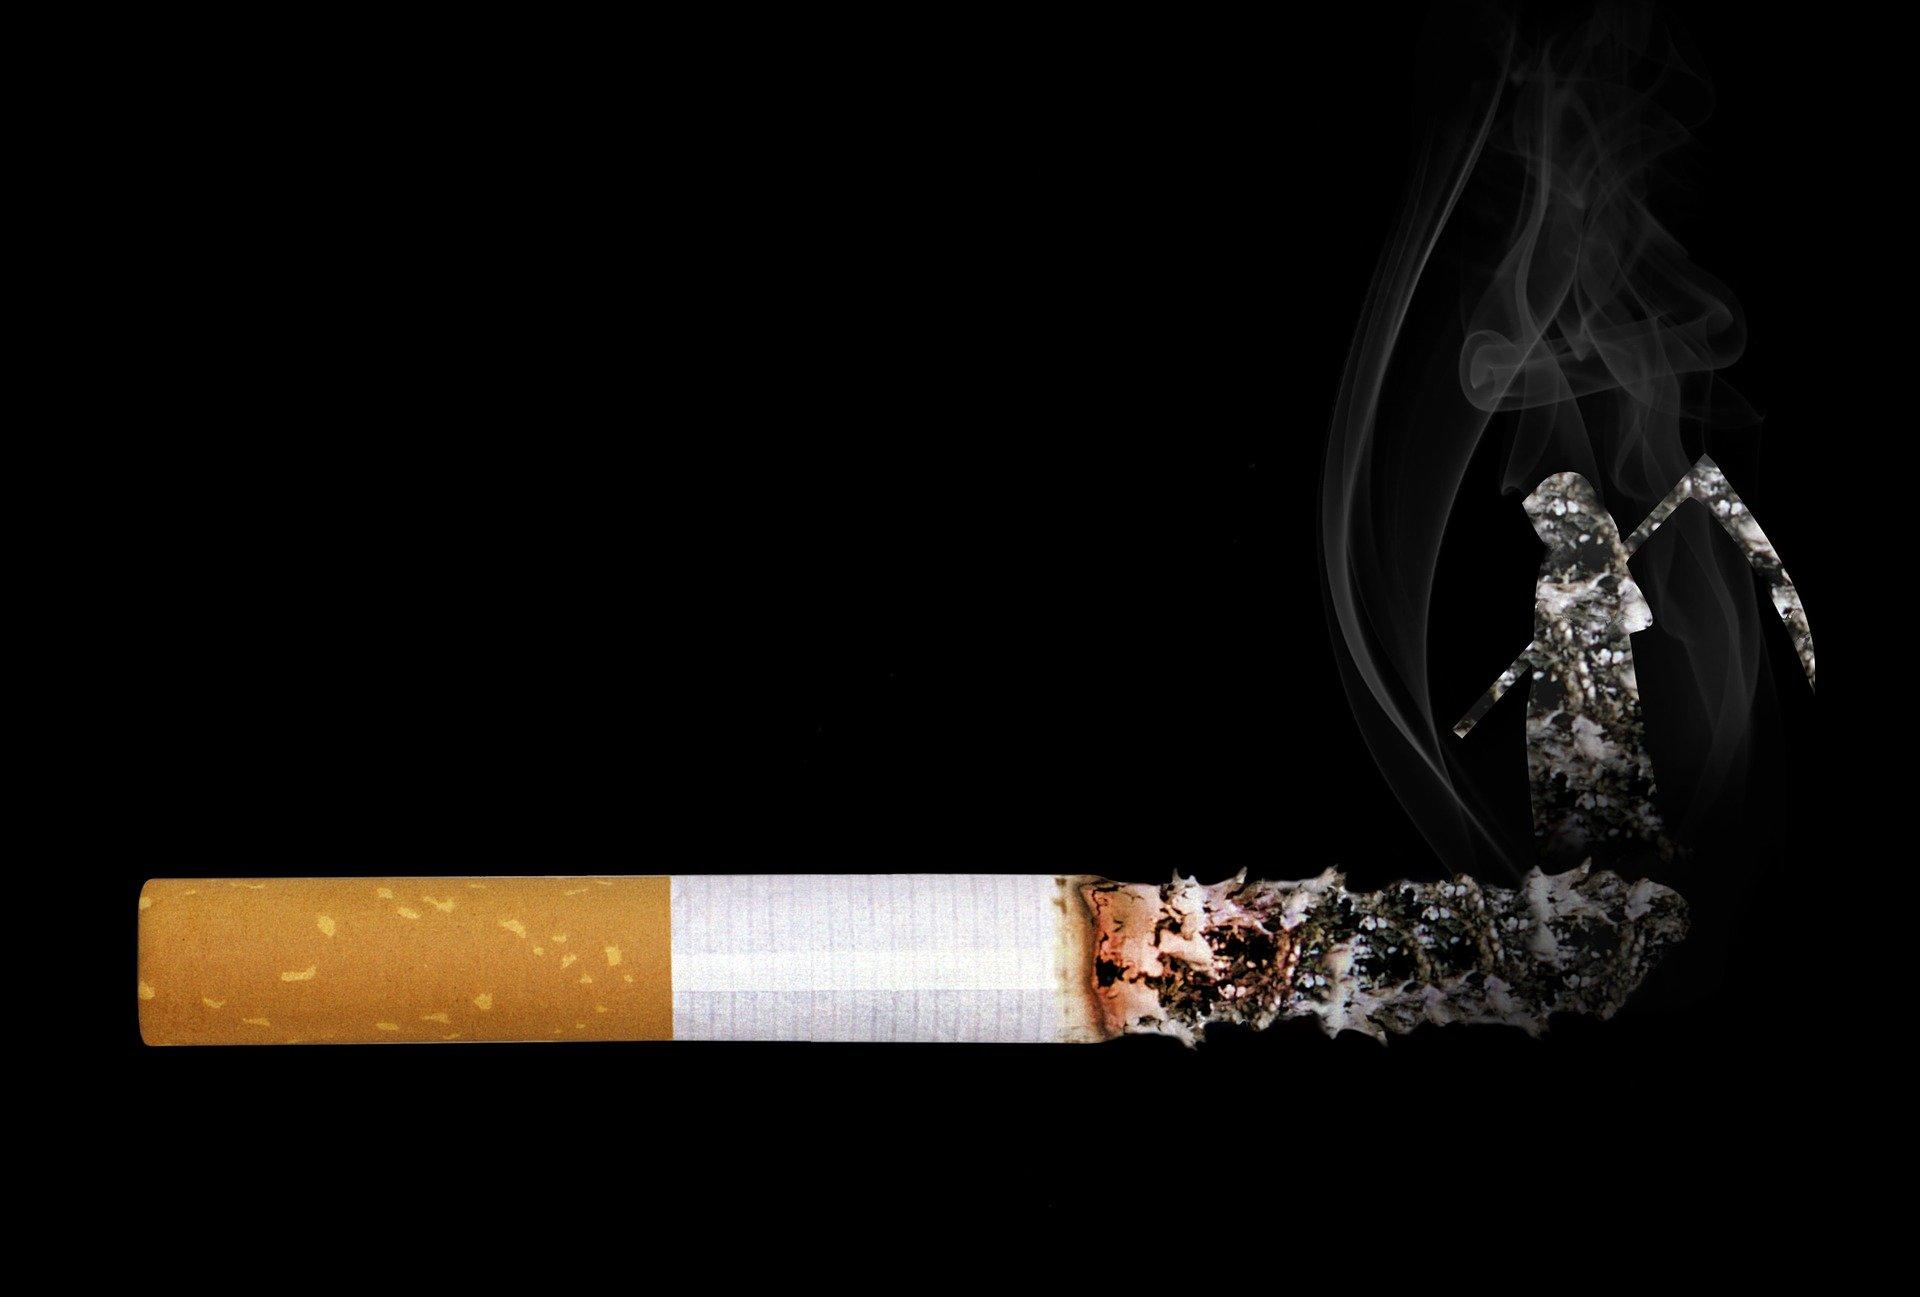 Afhængig af rygning